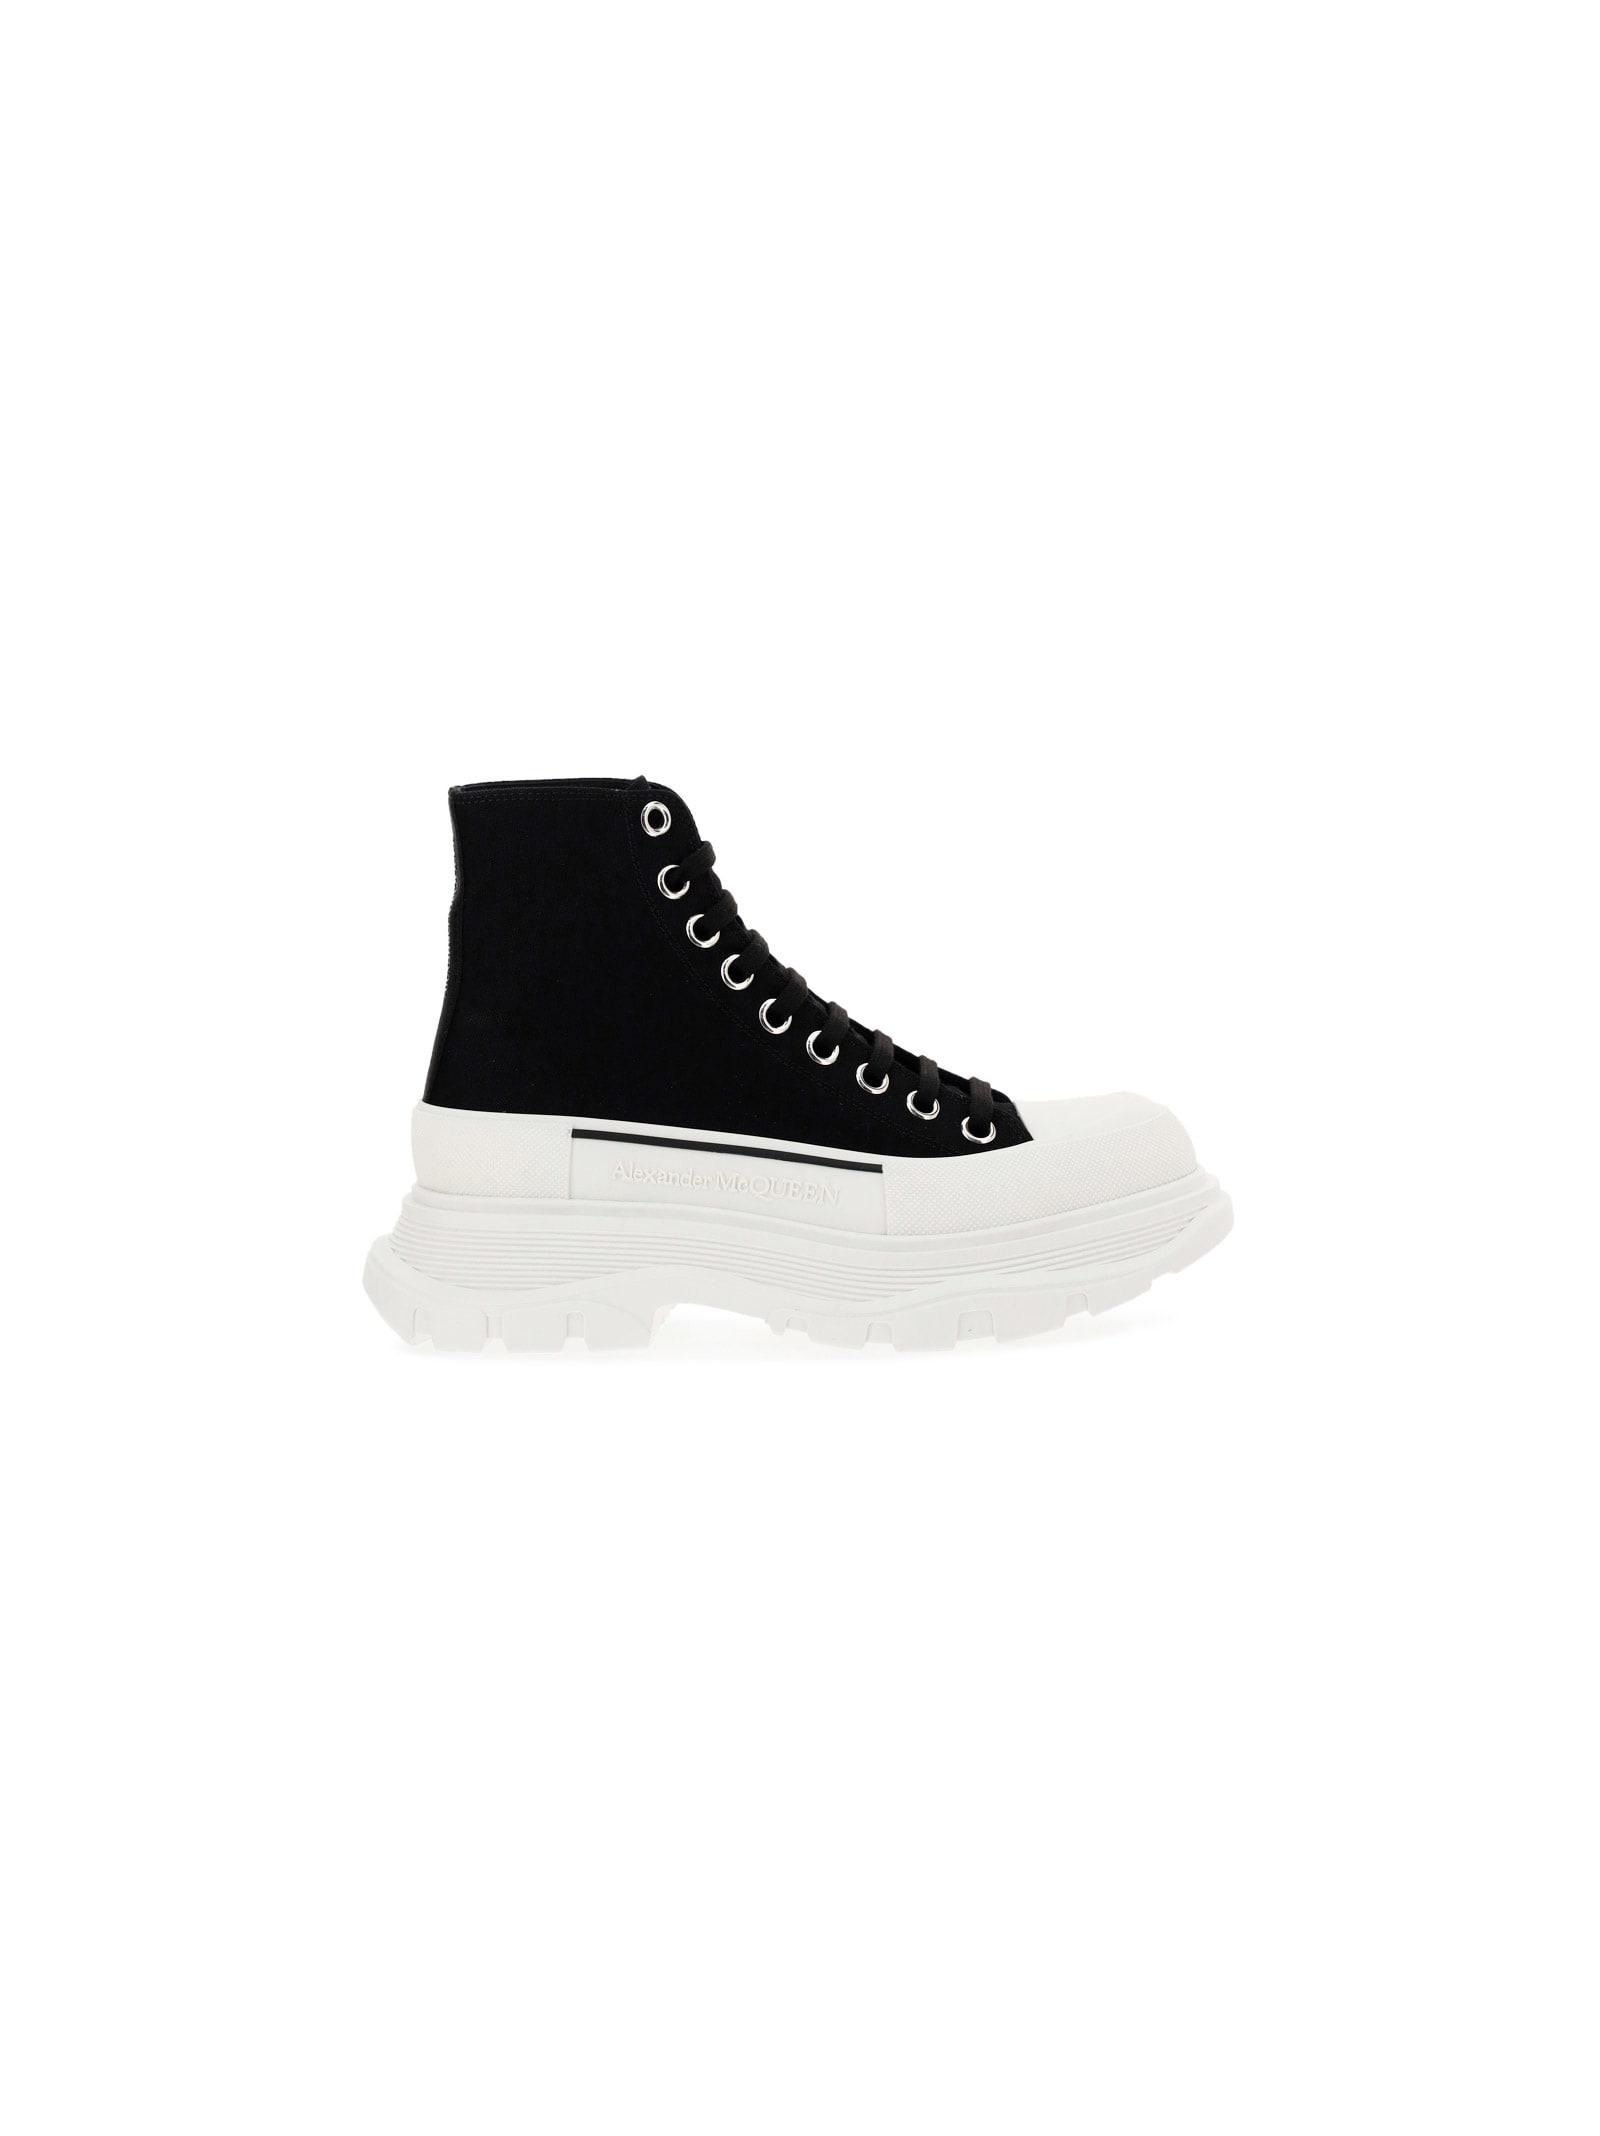 Alexander Mcqueen Sneakers ALEXANDER MCQUEEN SNEAKERS